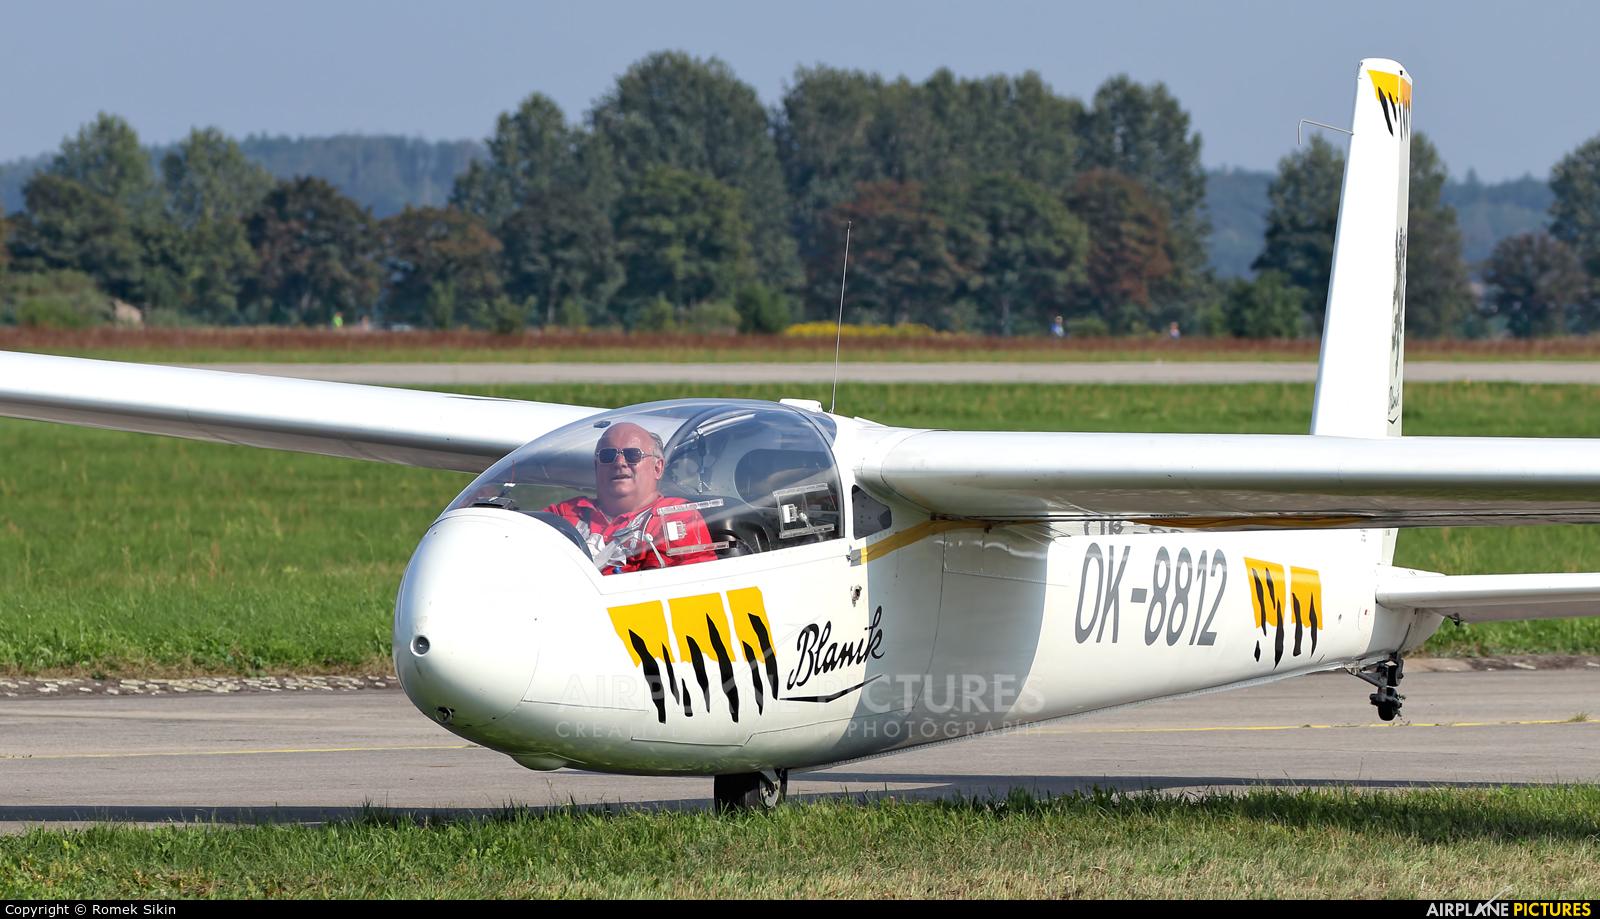 Aeroklub Czech Republic OK-8812 aircraft at Hradec Králové